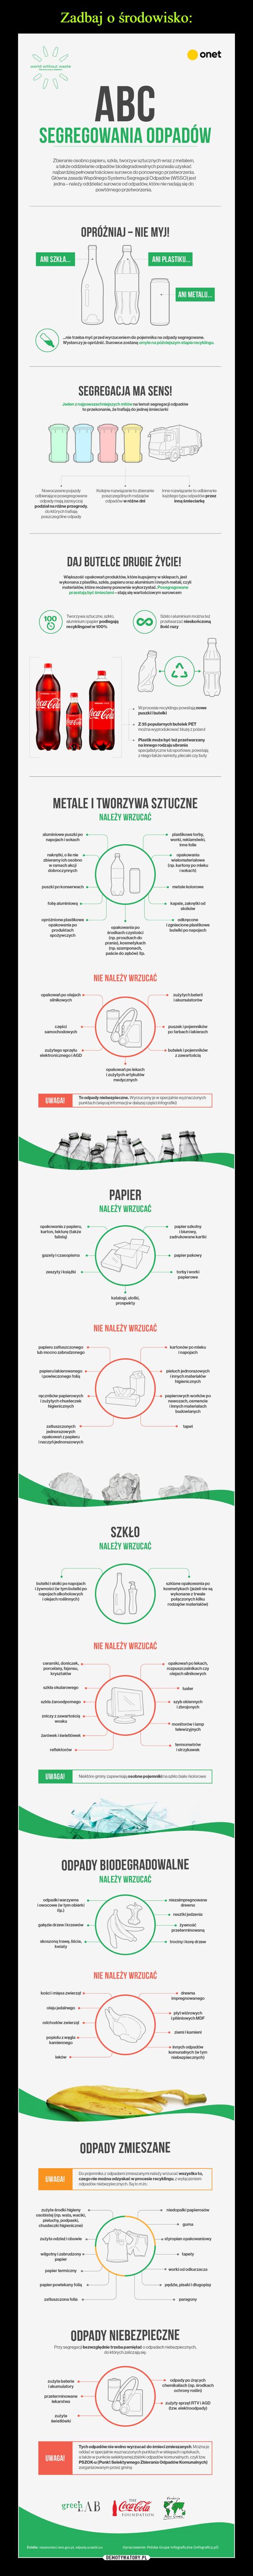 –  SEGREGOWANIA ODPADÓWZbieranie osobno papieru, szklą, tworzyw sztucznych wraz z metalem.a także oddzielanie odpadów biodegradowal rtych pozwala uzyskaćnajbardziej pełnowartościowe surowce do ponownego przetworzeniaGłówna zasada Wspólnego Systemu Segregacji Ocfcadów (WSSO) jestjedna - należy oddzielać surowce od odpadów, które nie nadają się dopowtórnego przetworzenia